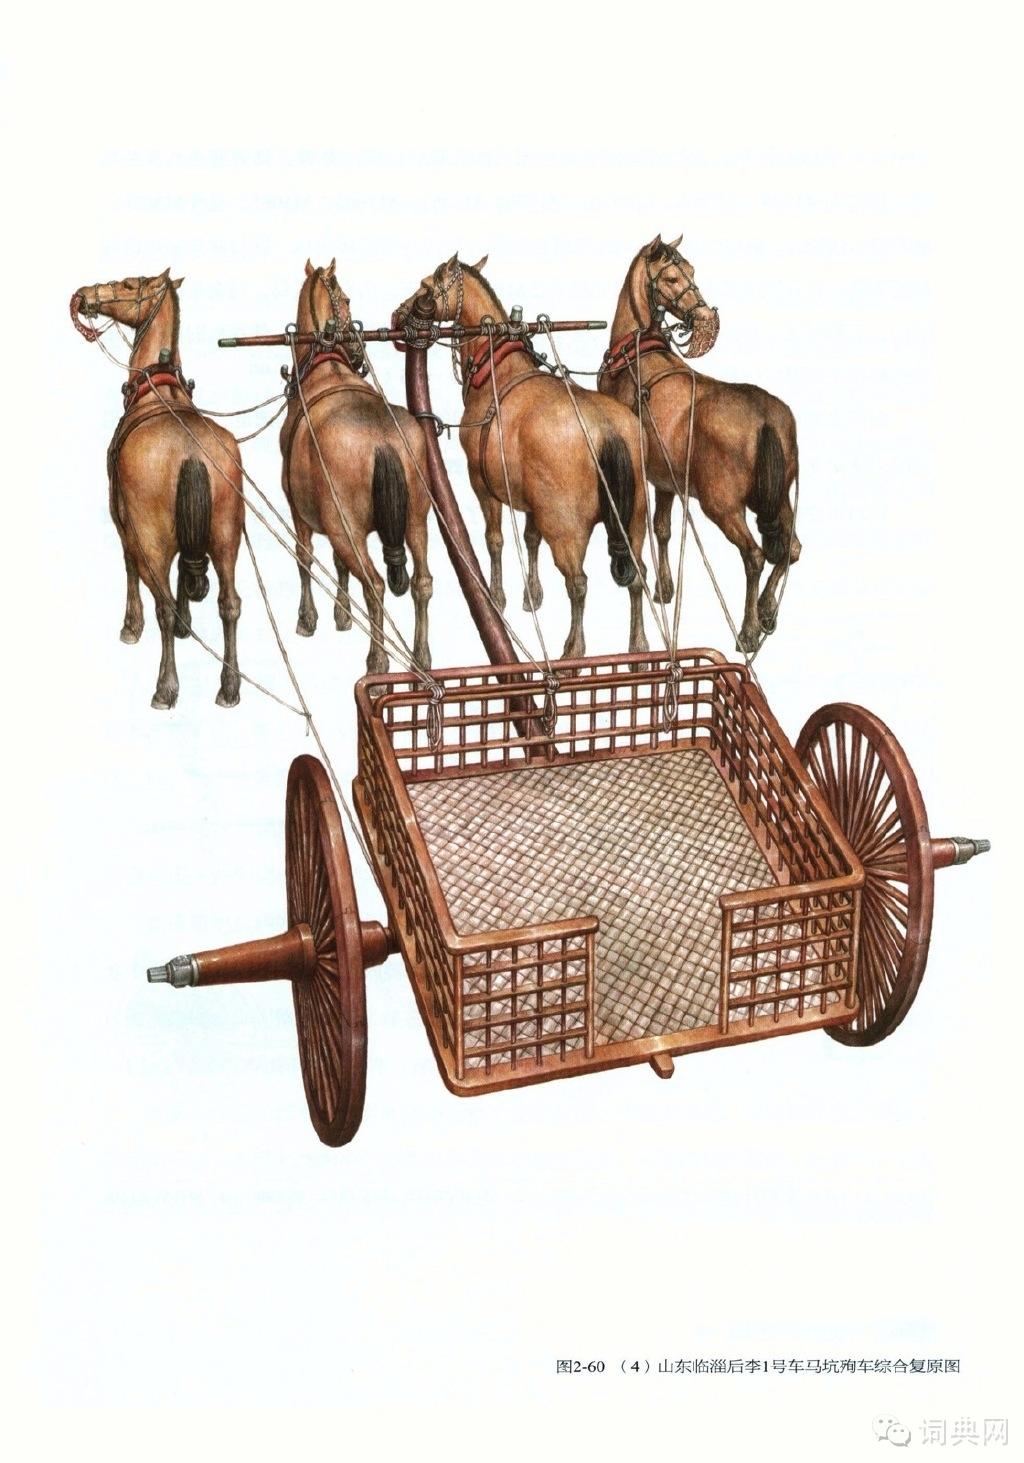 中国古代马车的 一些造型